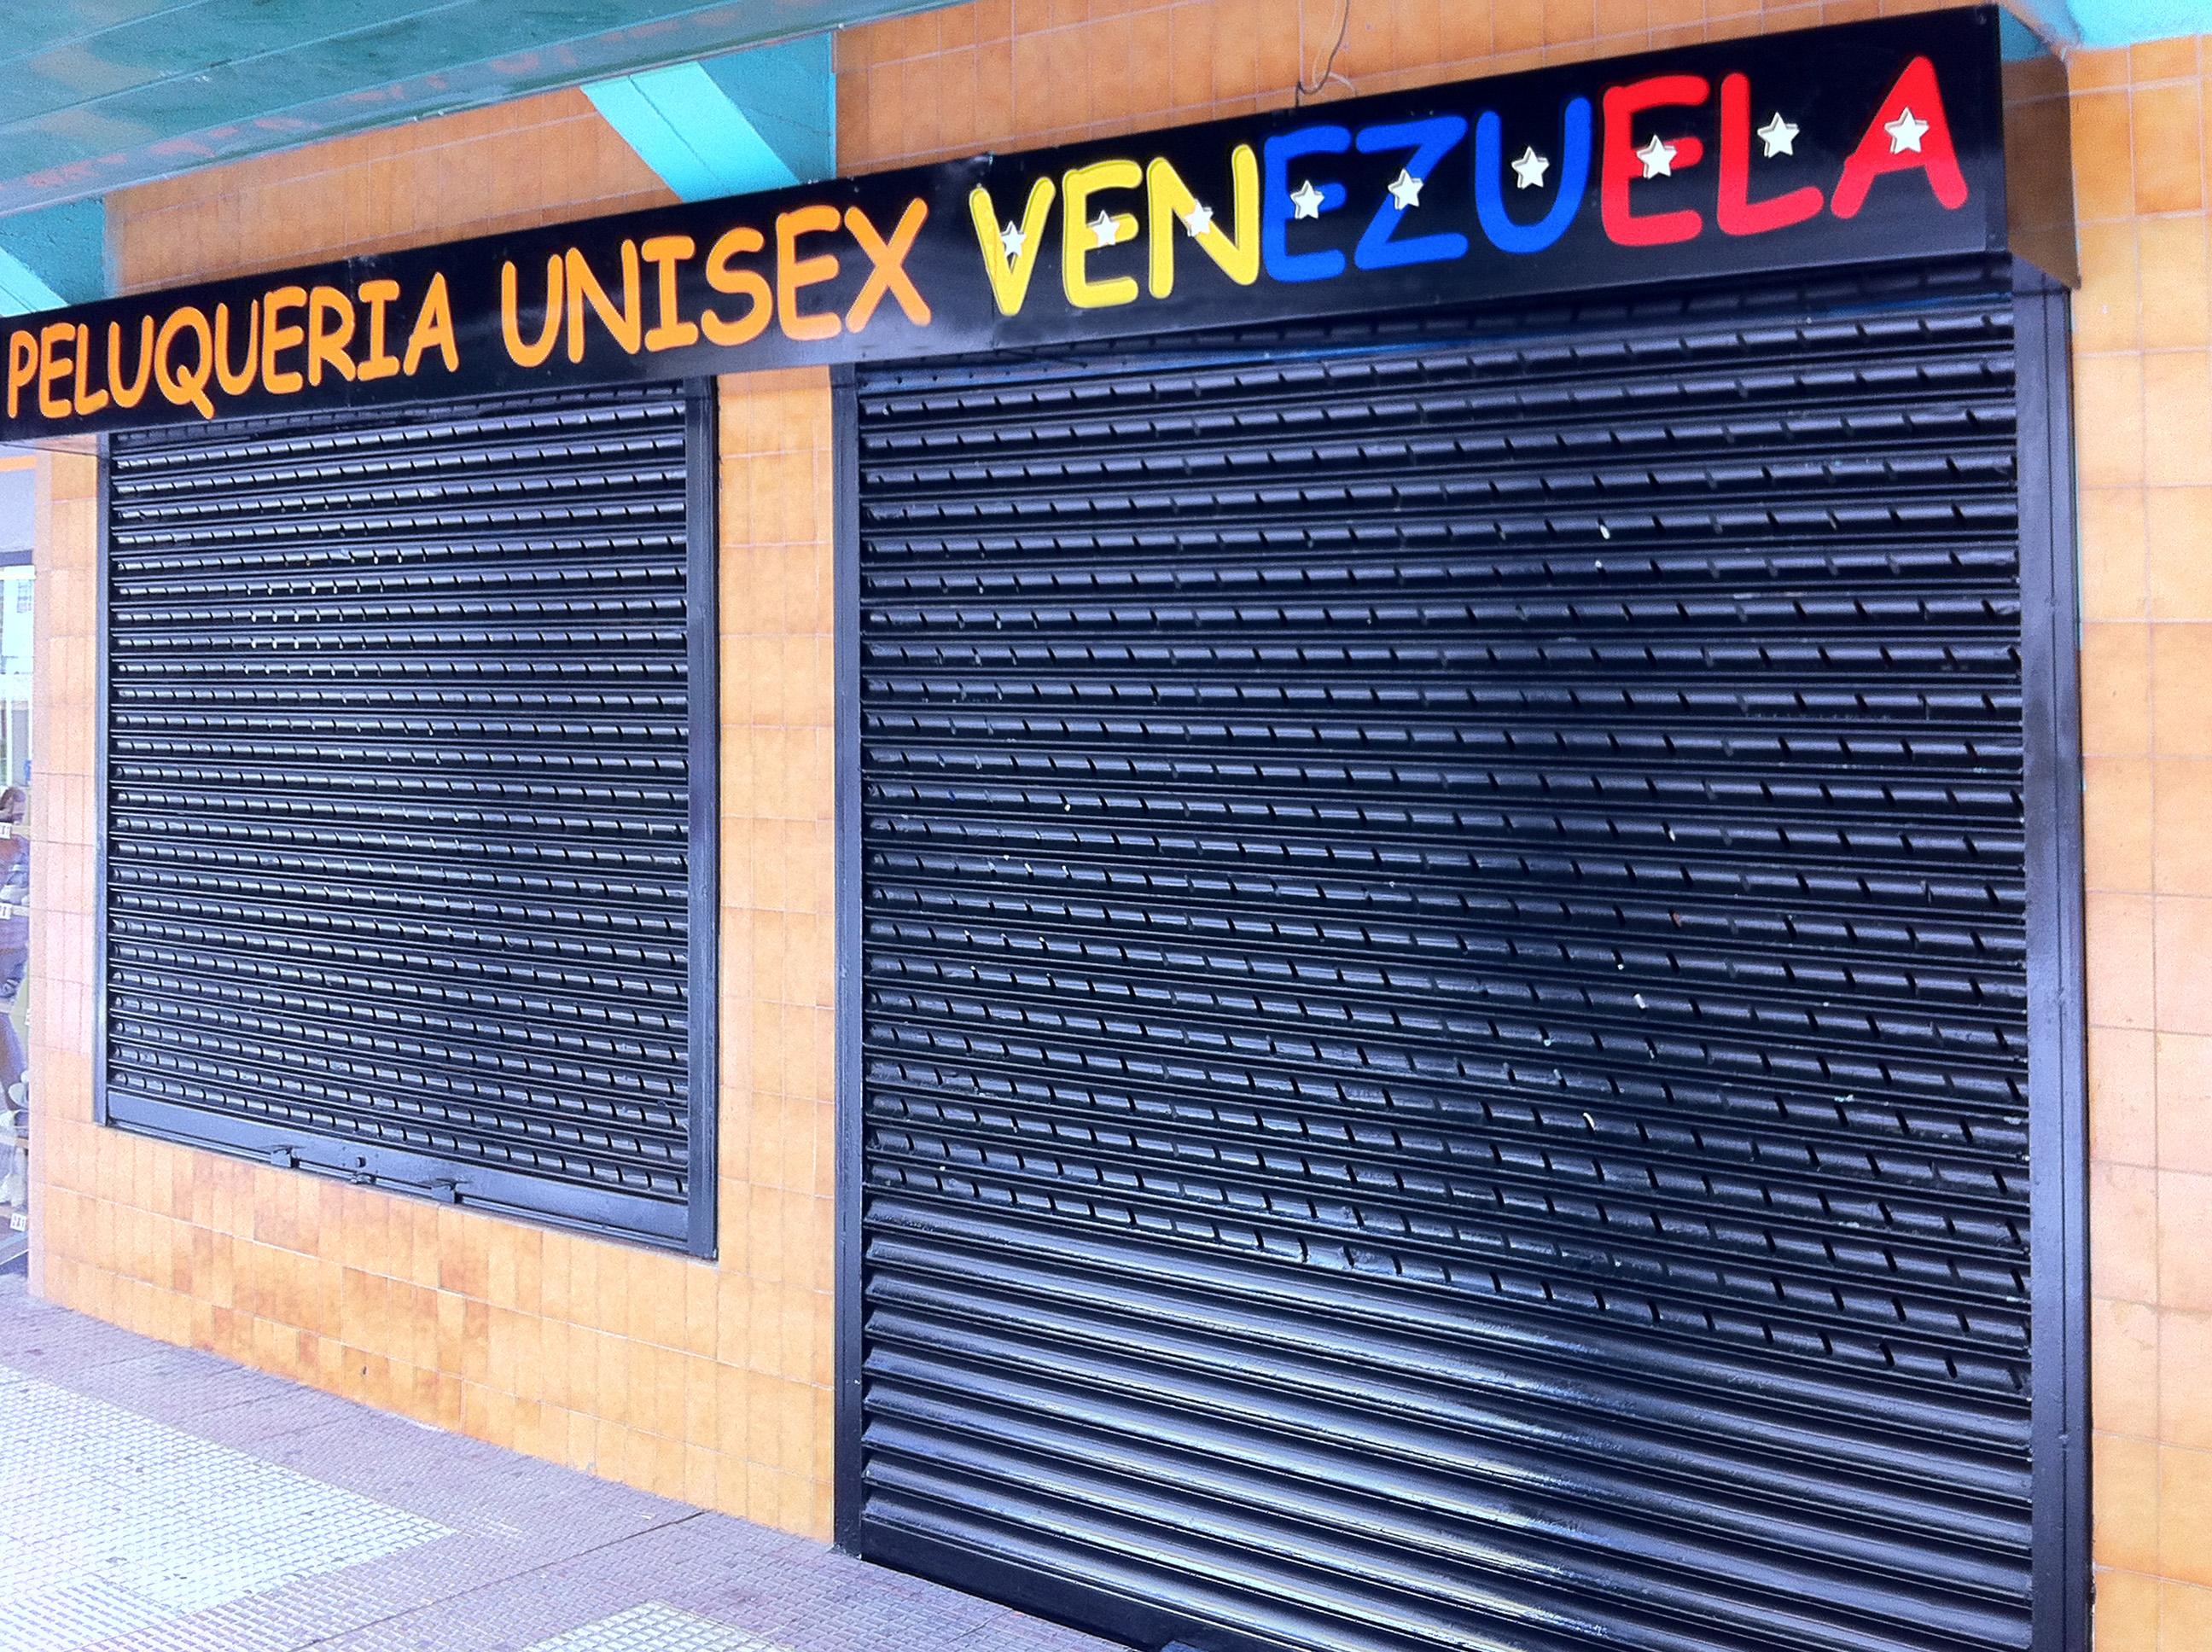 Rotulacion Peluqueria Unisex Venezuela